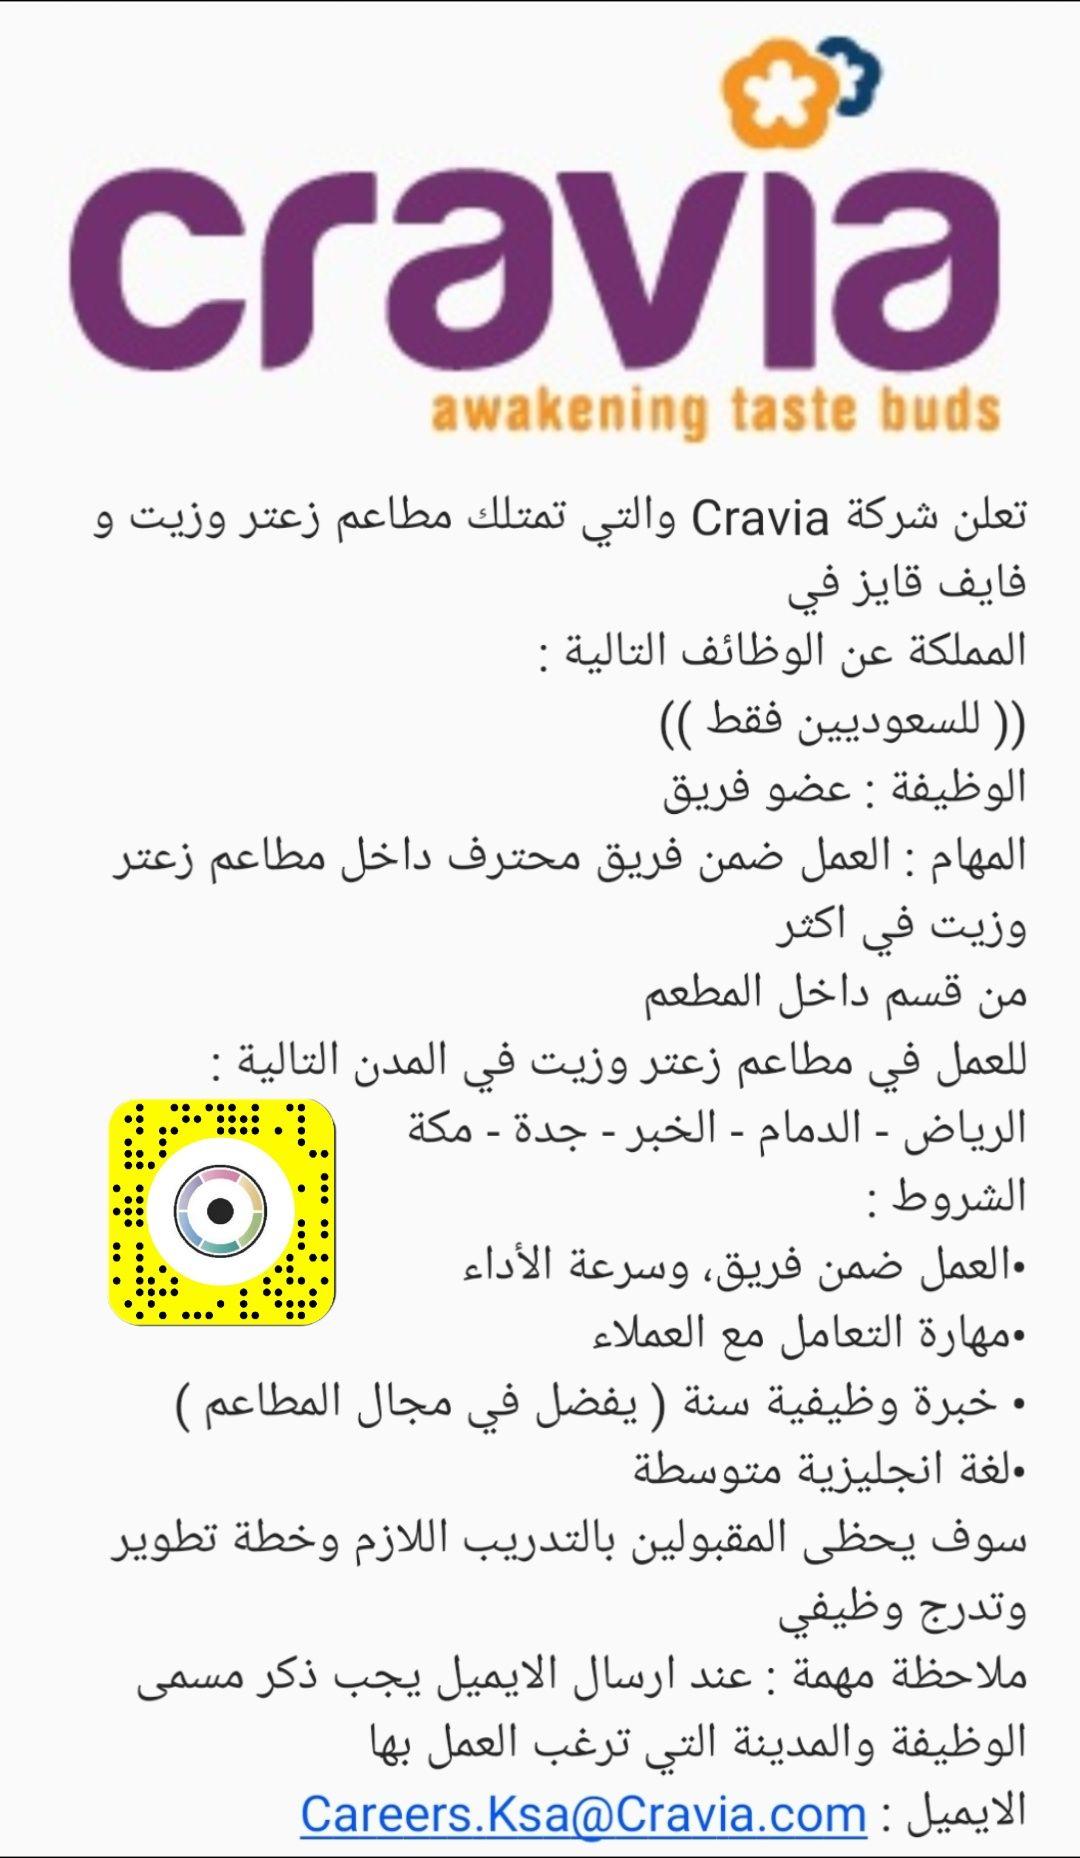 وظائف شاغرة في مطاعم زعتر وزيت في المدن التالية الرياض الدمام الخبر جدة مكة Taste Buds Tasting Journal